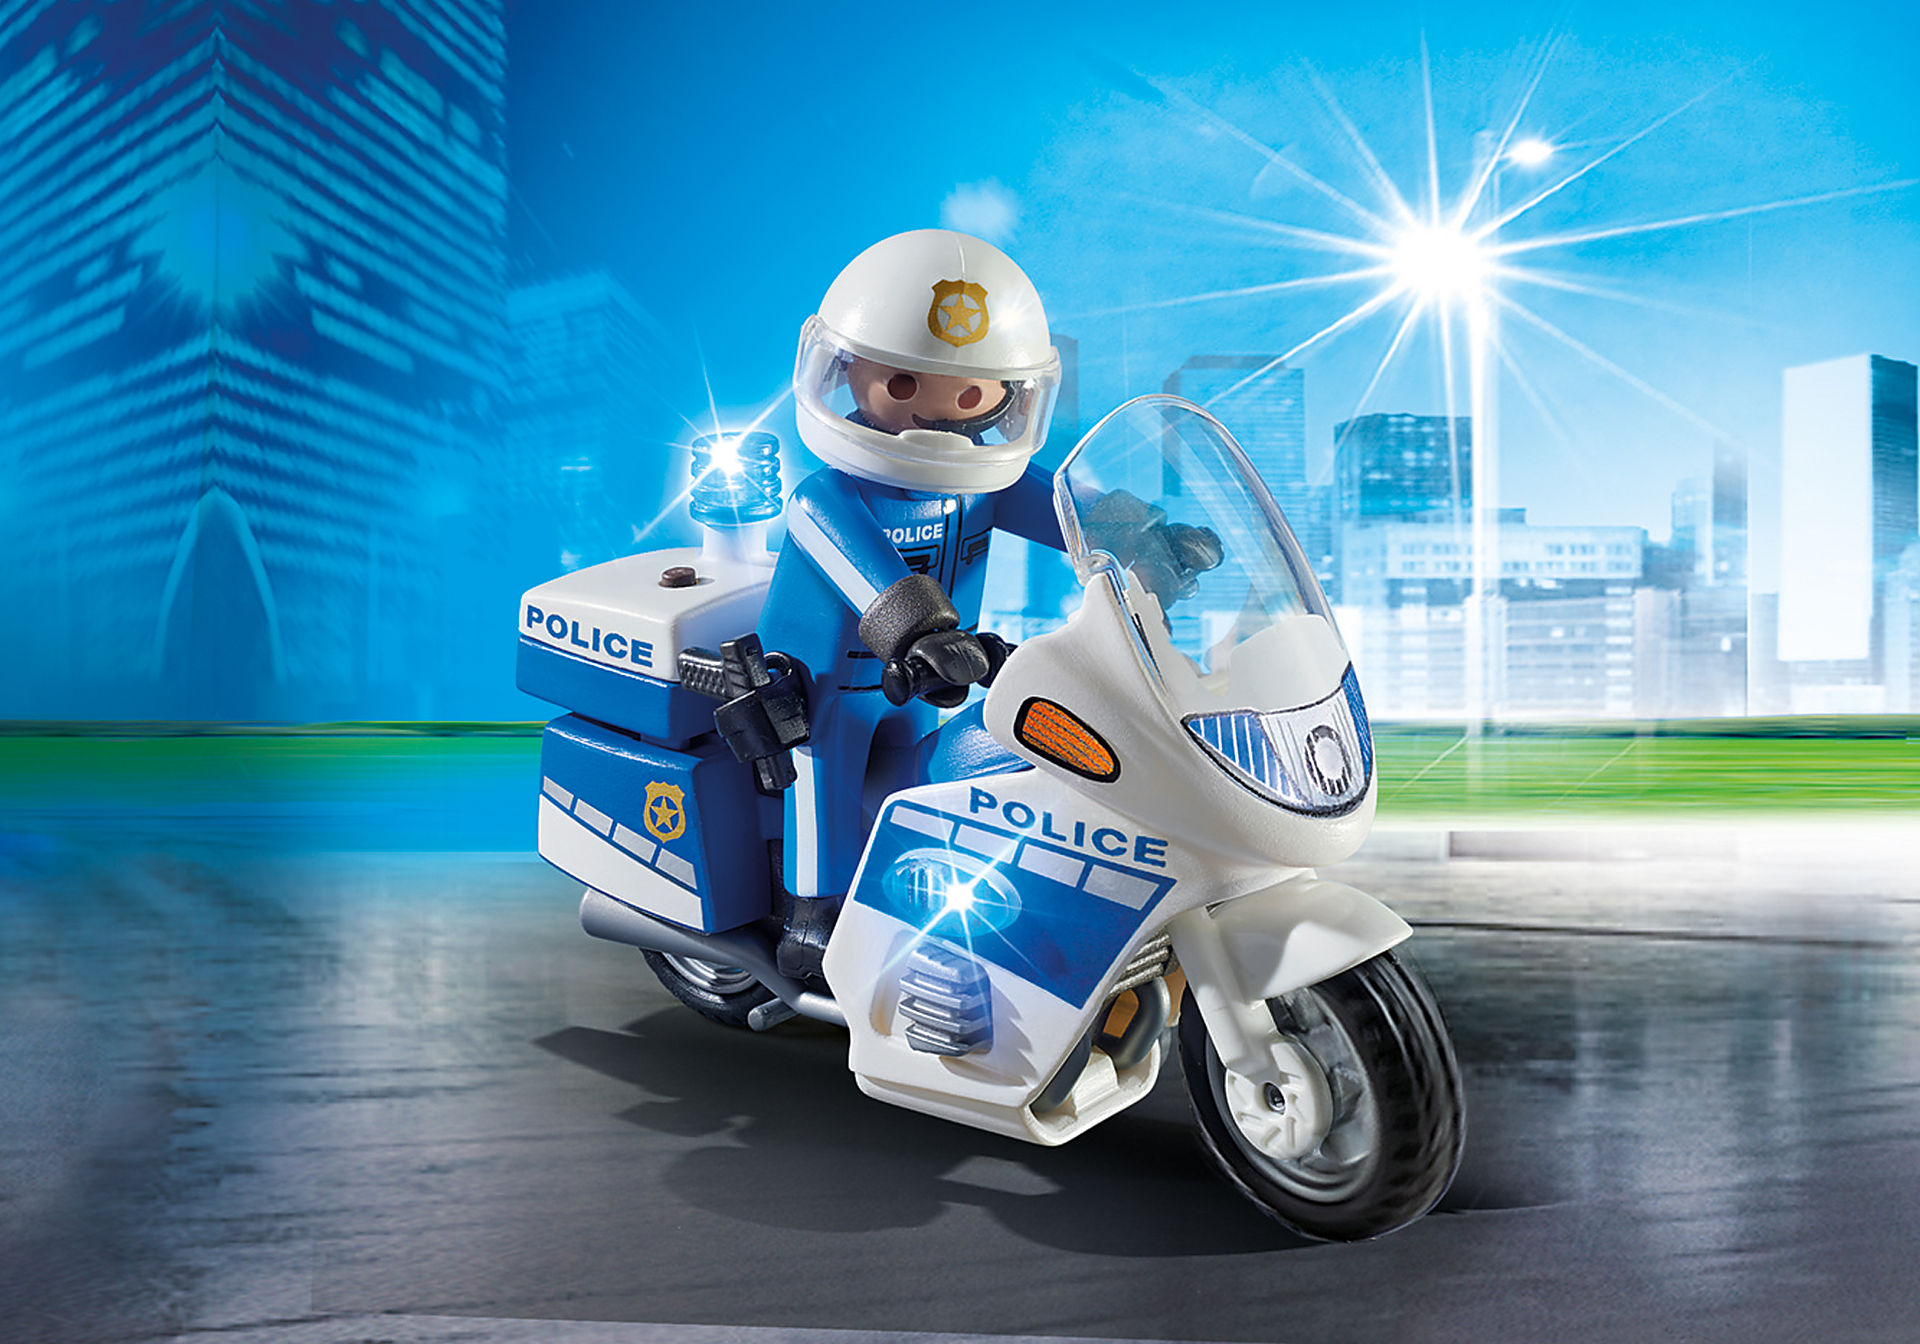 6923 Mota da Polícia com LED zoom image1